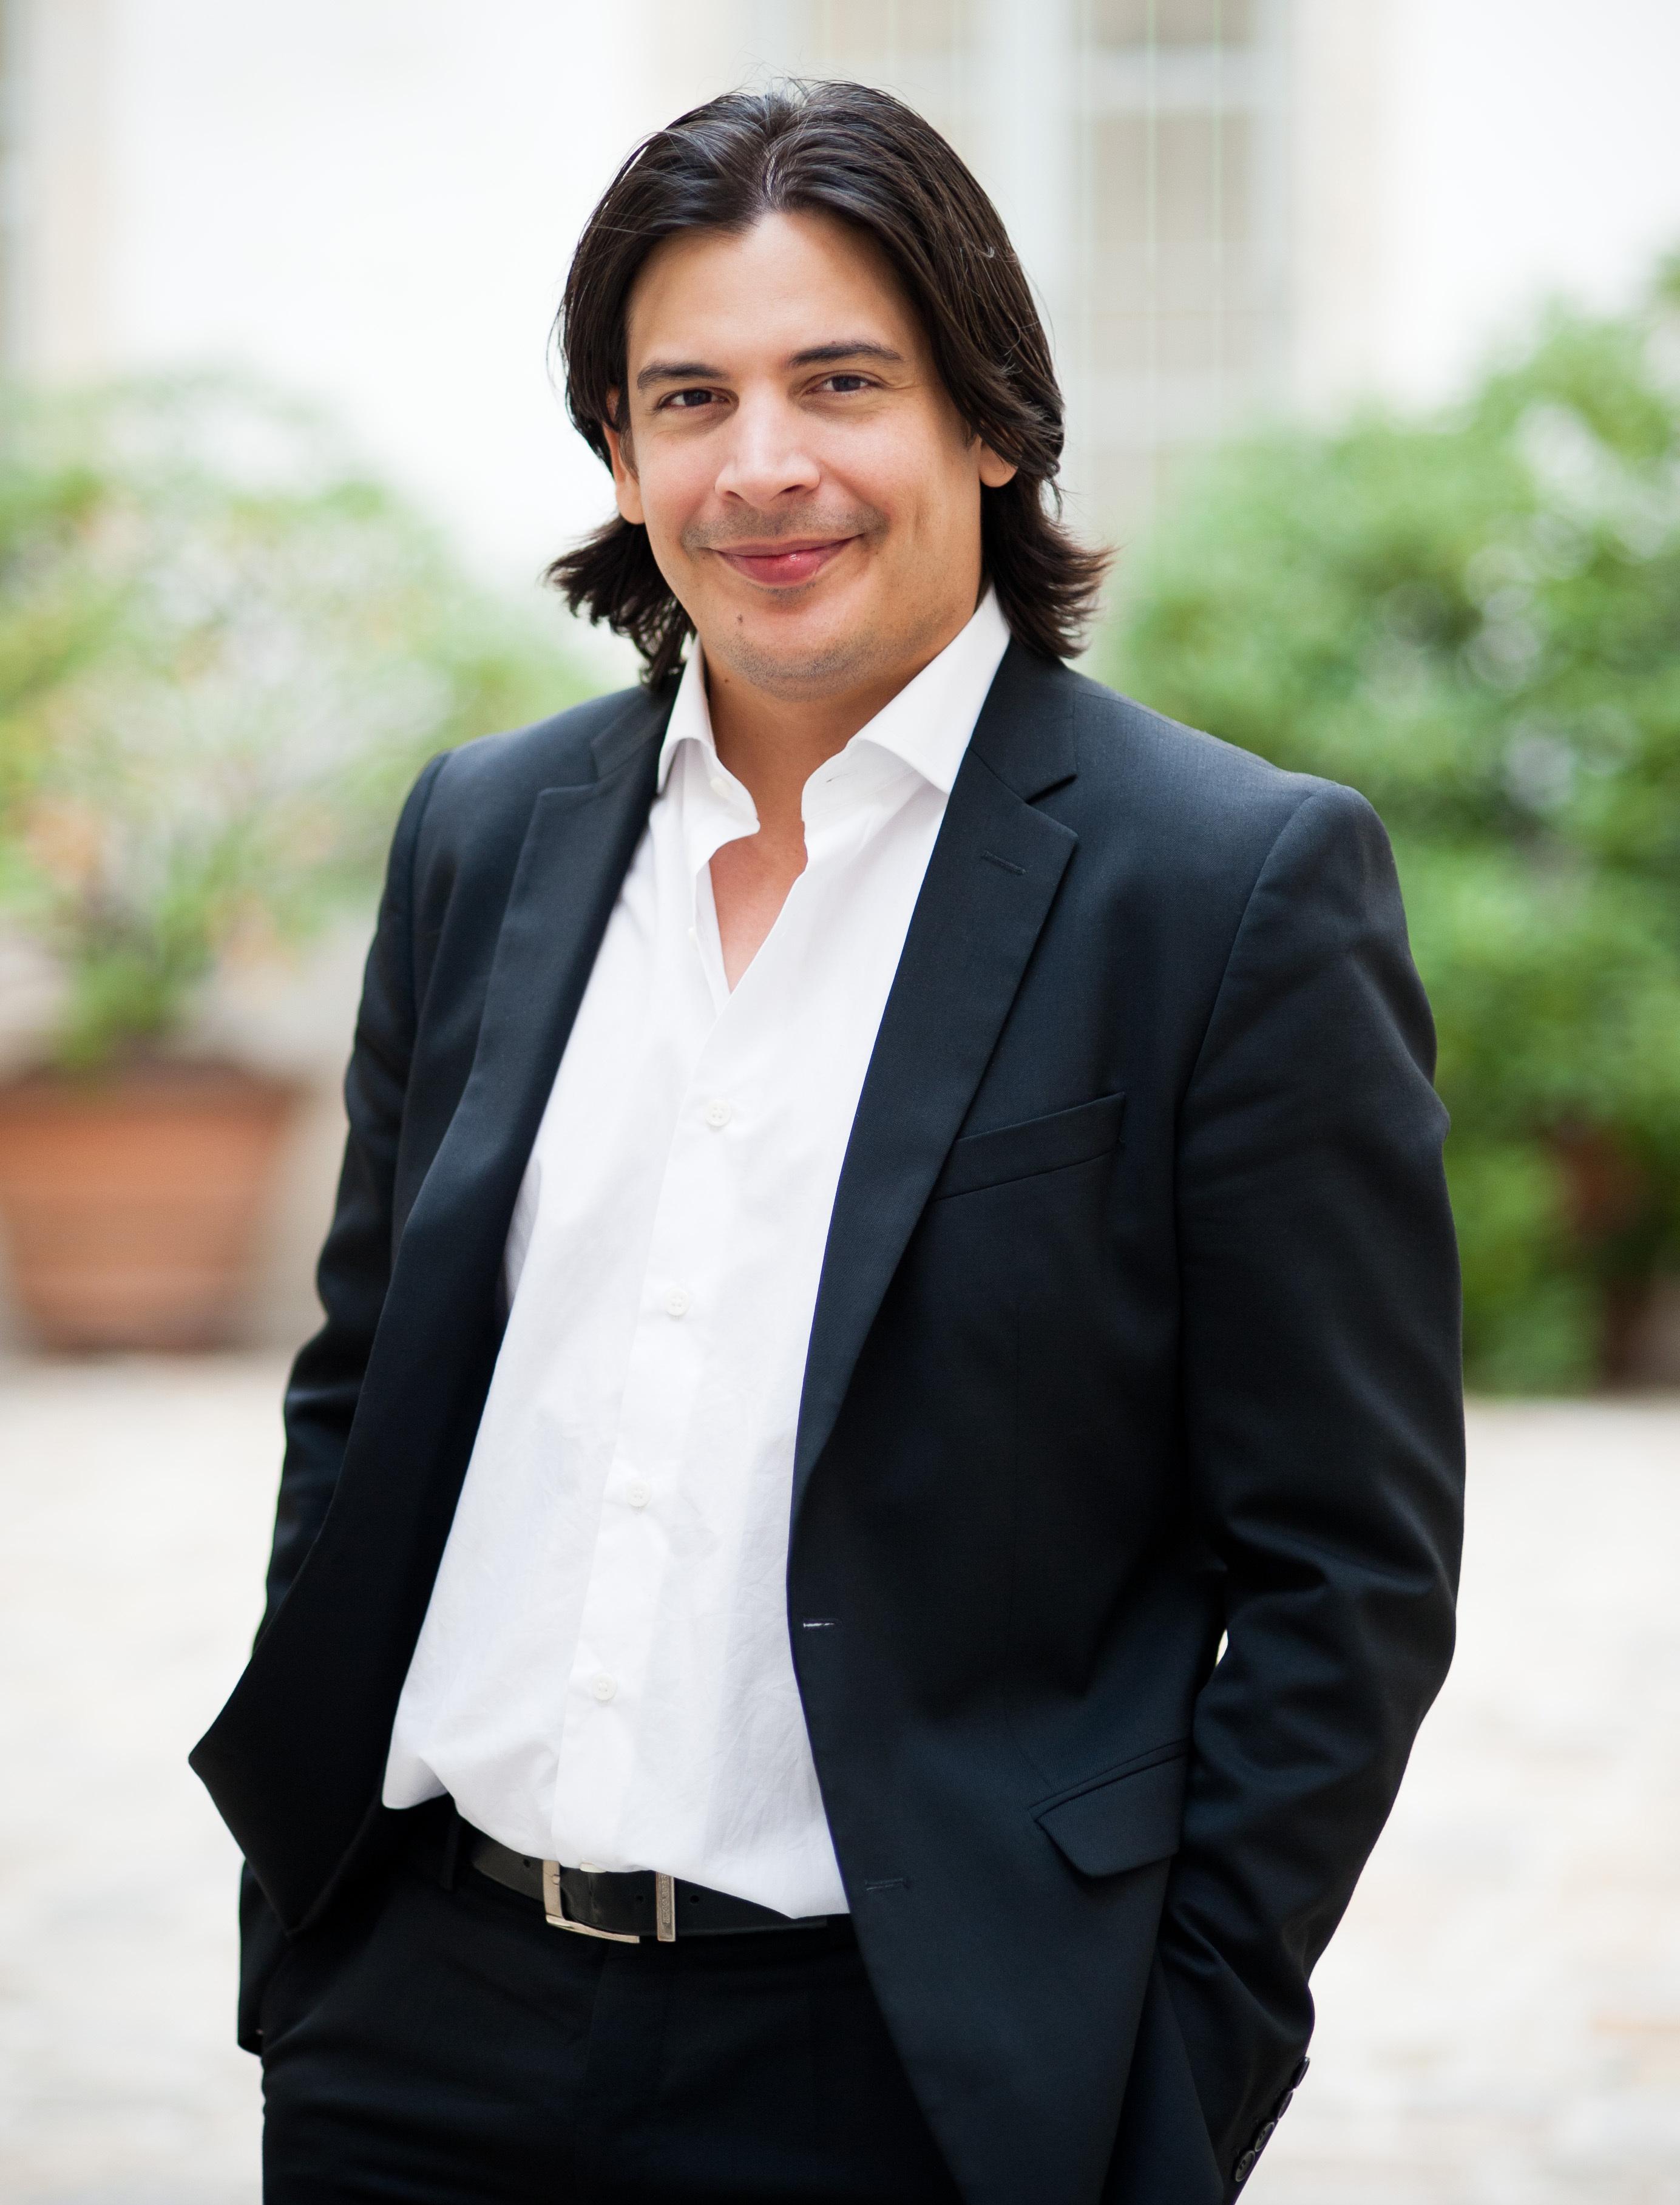 Jose Luis Gomez Portrait